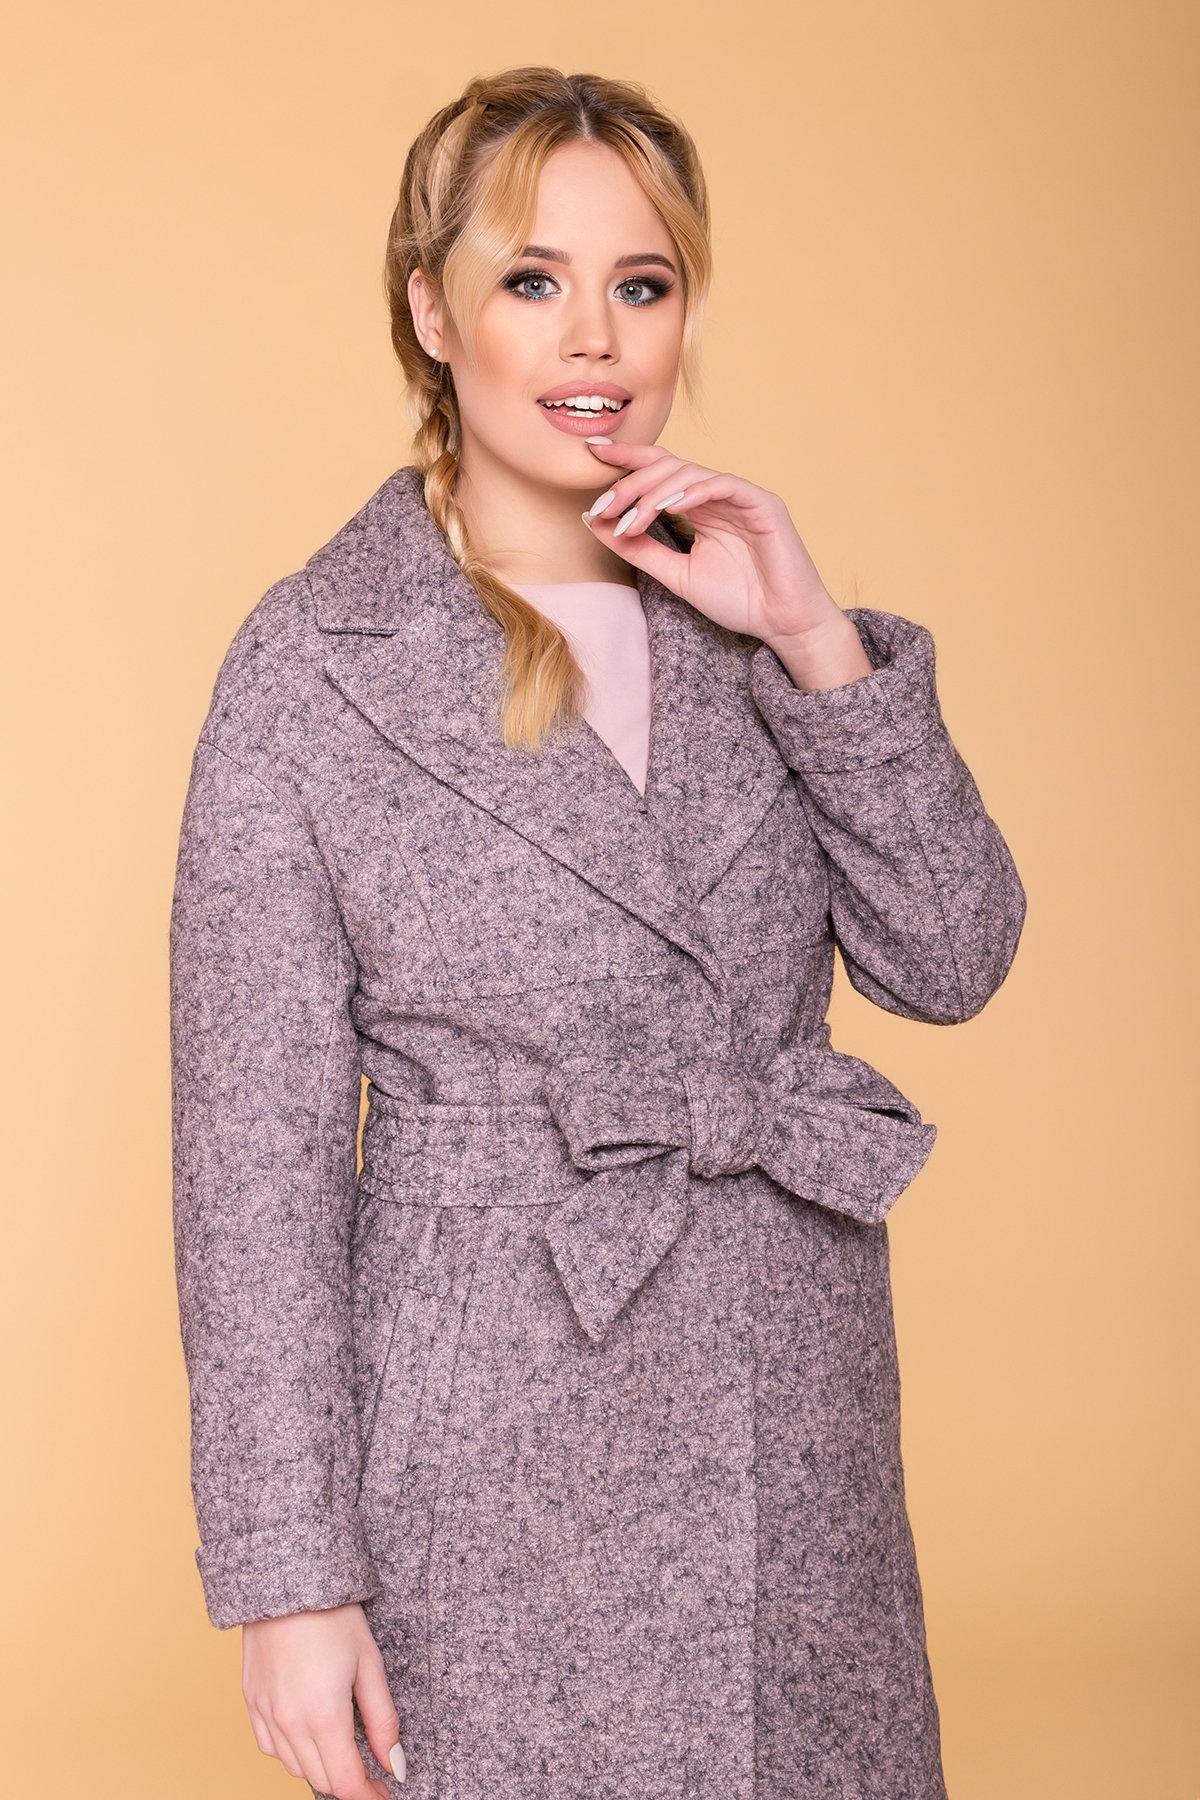 Пальто весна-осень c приспущенной линией плеча Фентези лайт 6365 АРТ. 41230 Цвет: Серо-розовый LW-25 - фото 15, интернет магазин tm-modus.ru